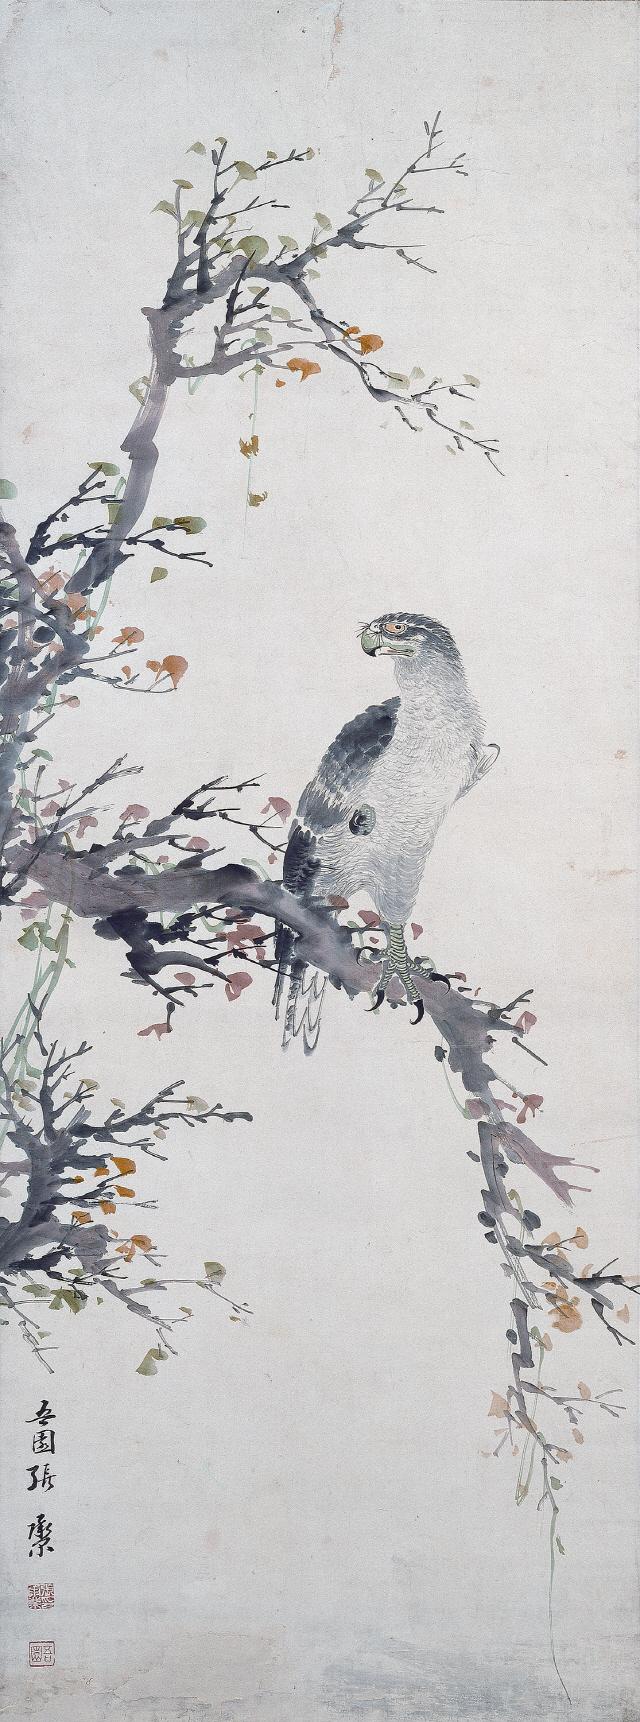 [조상인의 예(藝)-68장승업② '한아탐과' '호응탐시']열매 탐내는 산새...사냥감 노리는 매...약동하는 생명력을 담다